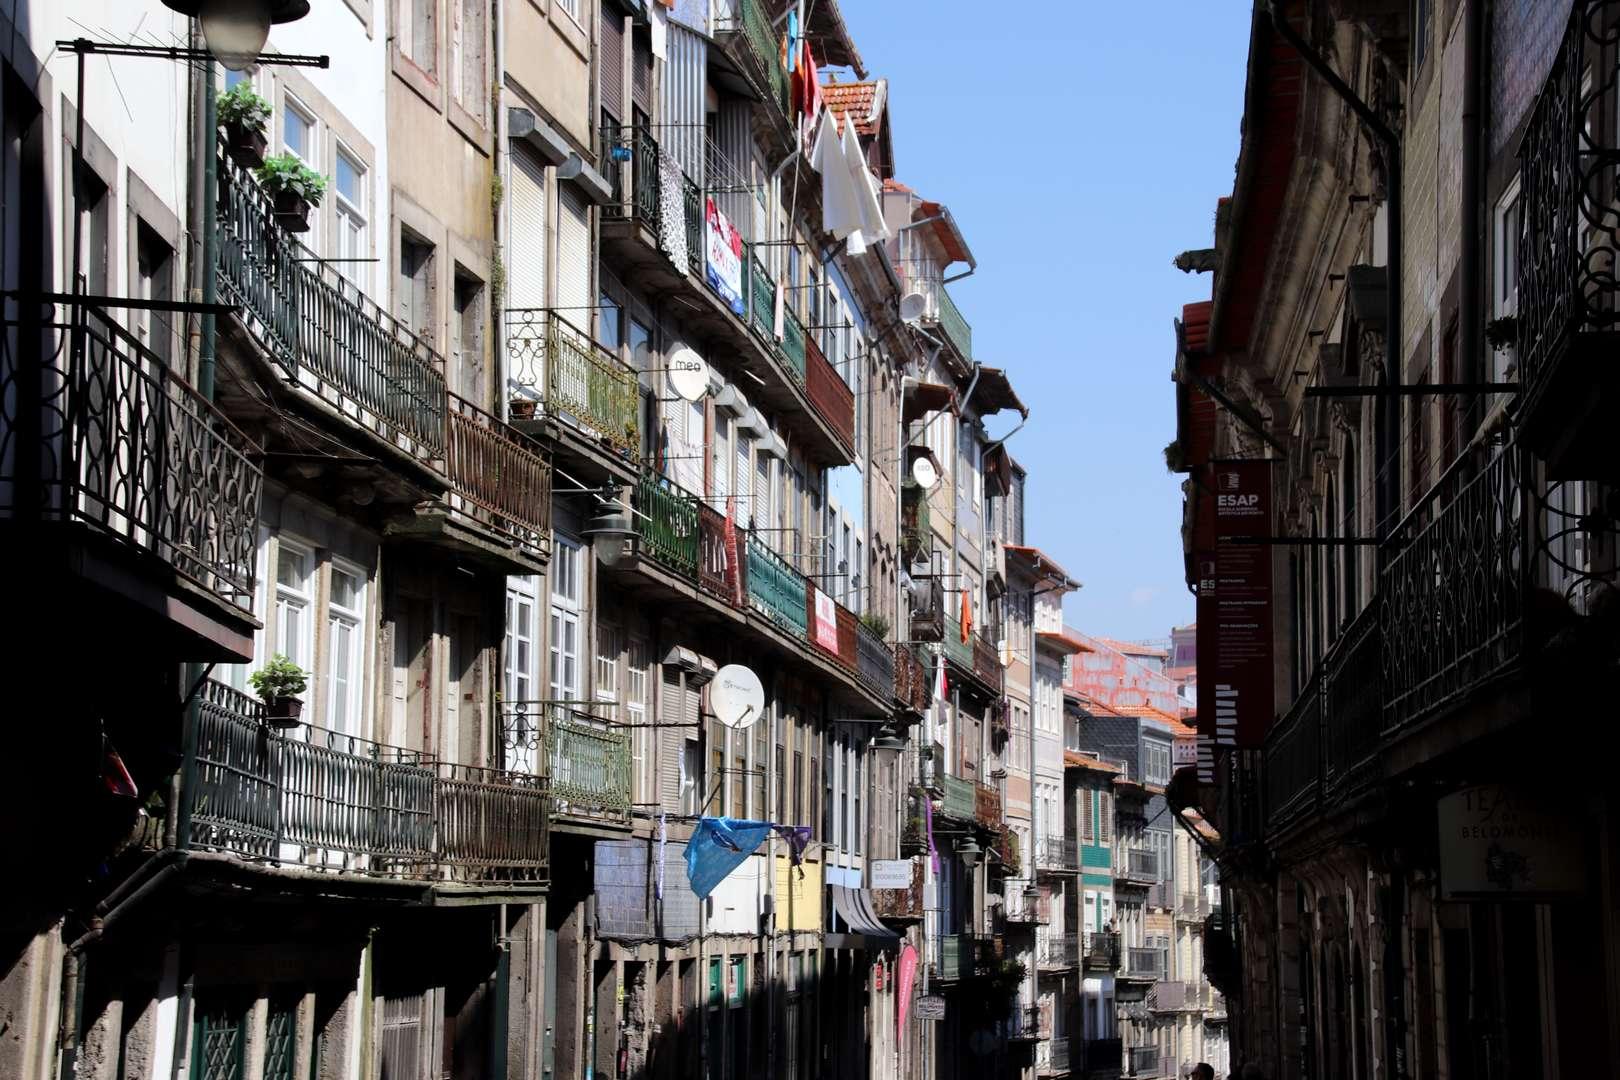 Portugal - Immeubles colorés dans le quartier Miragaia à Porto